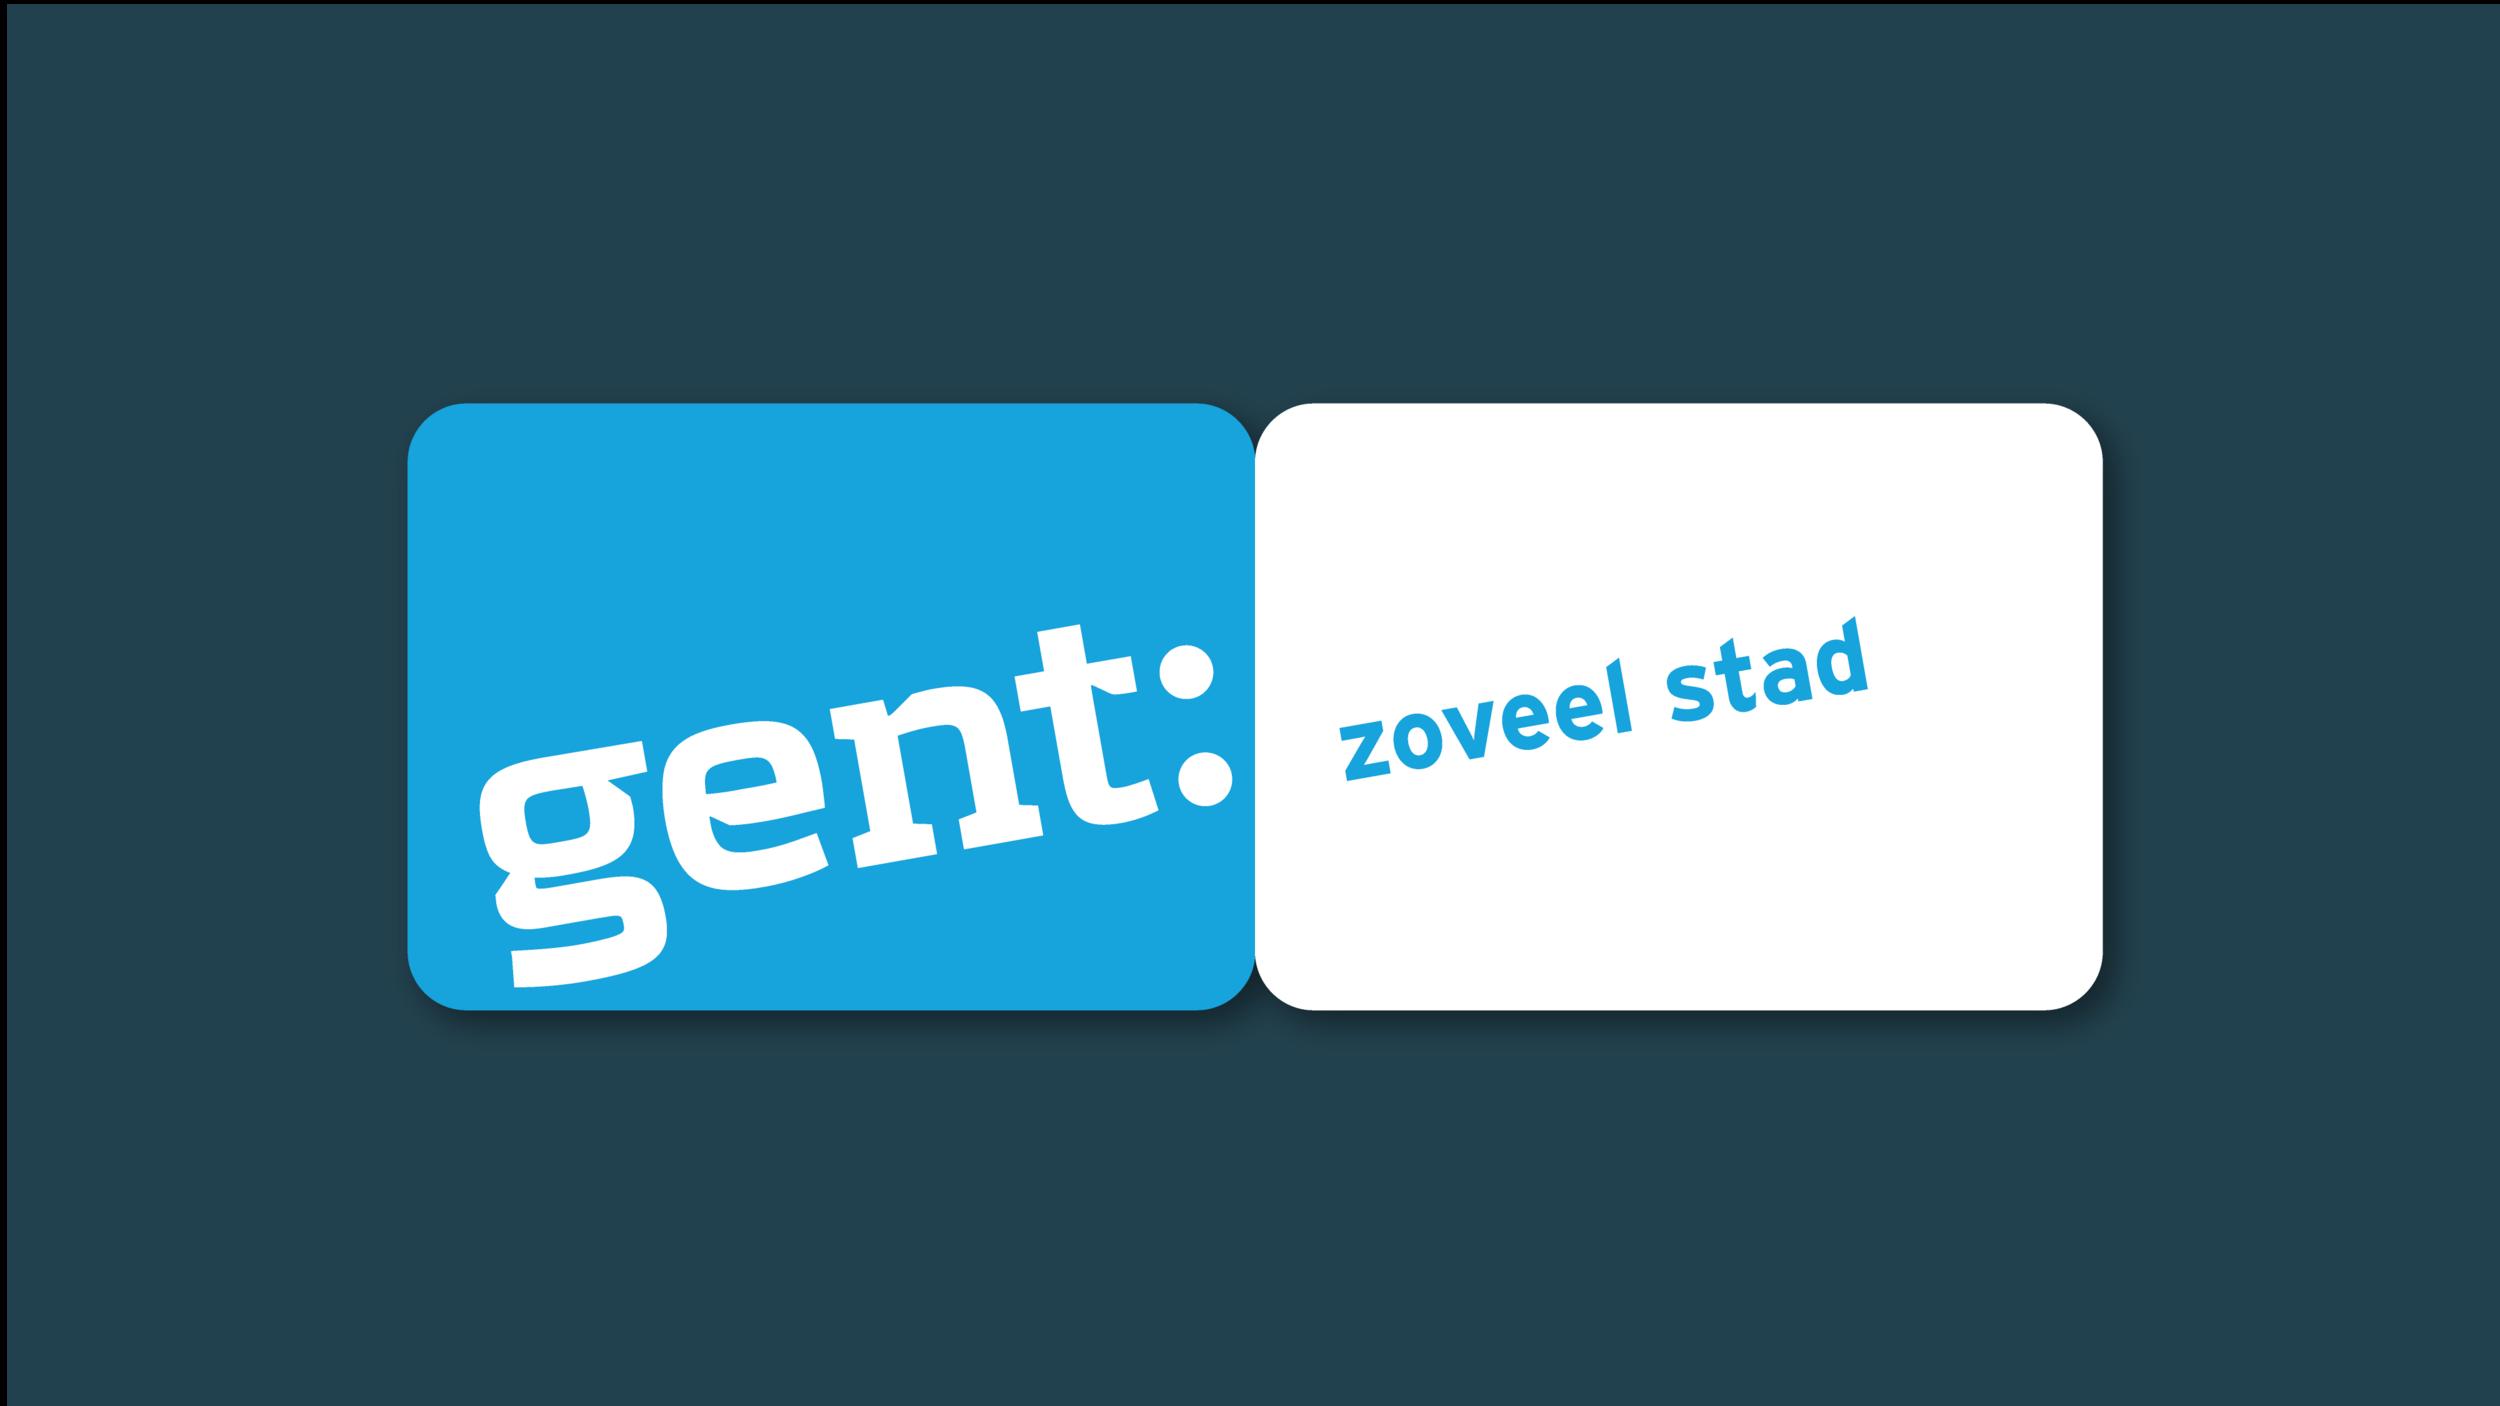 stadgent1